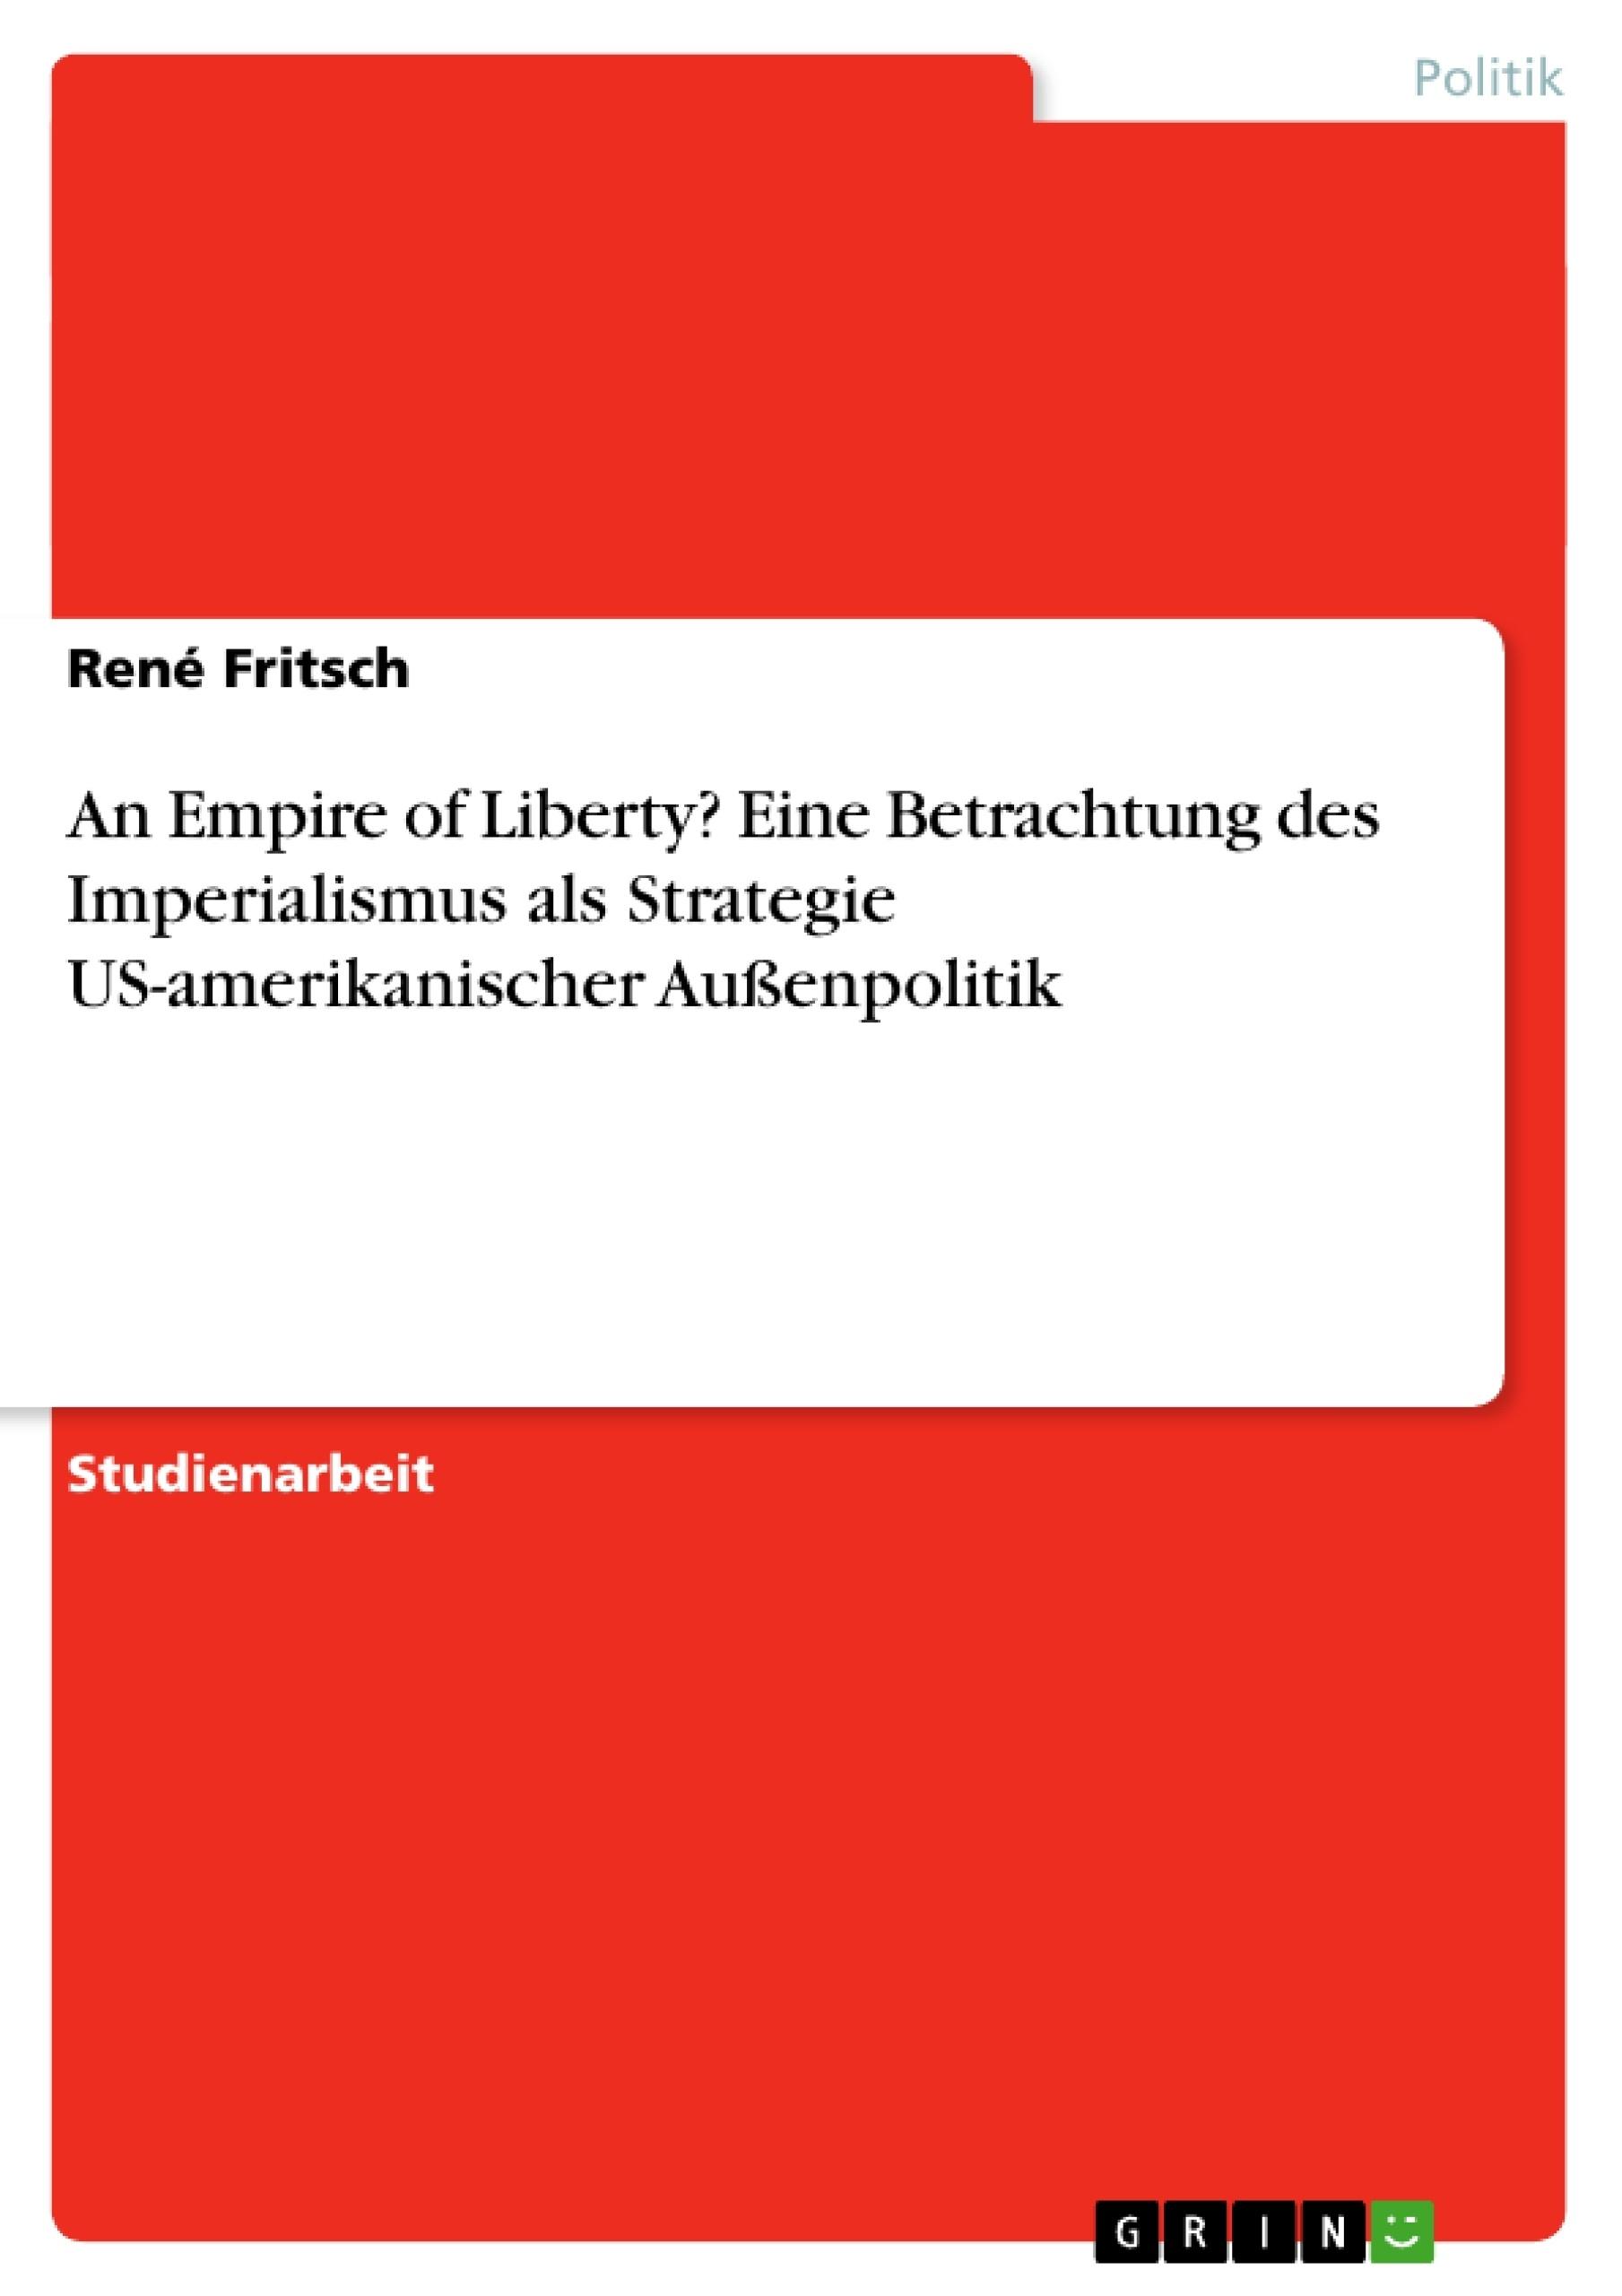 Titel: An Empire of Liberty? Eine Betrachtung des Imperialismus als Strategie US-amerikanischer Außenpolitik